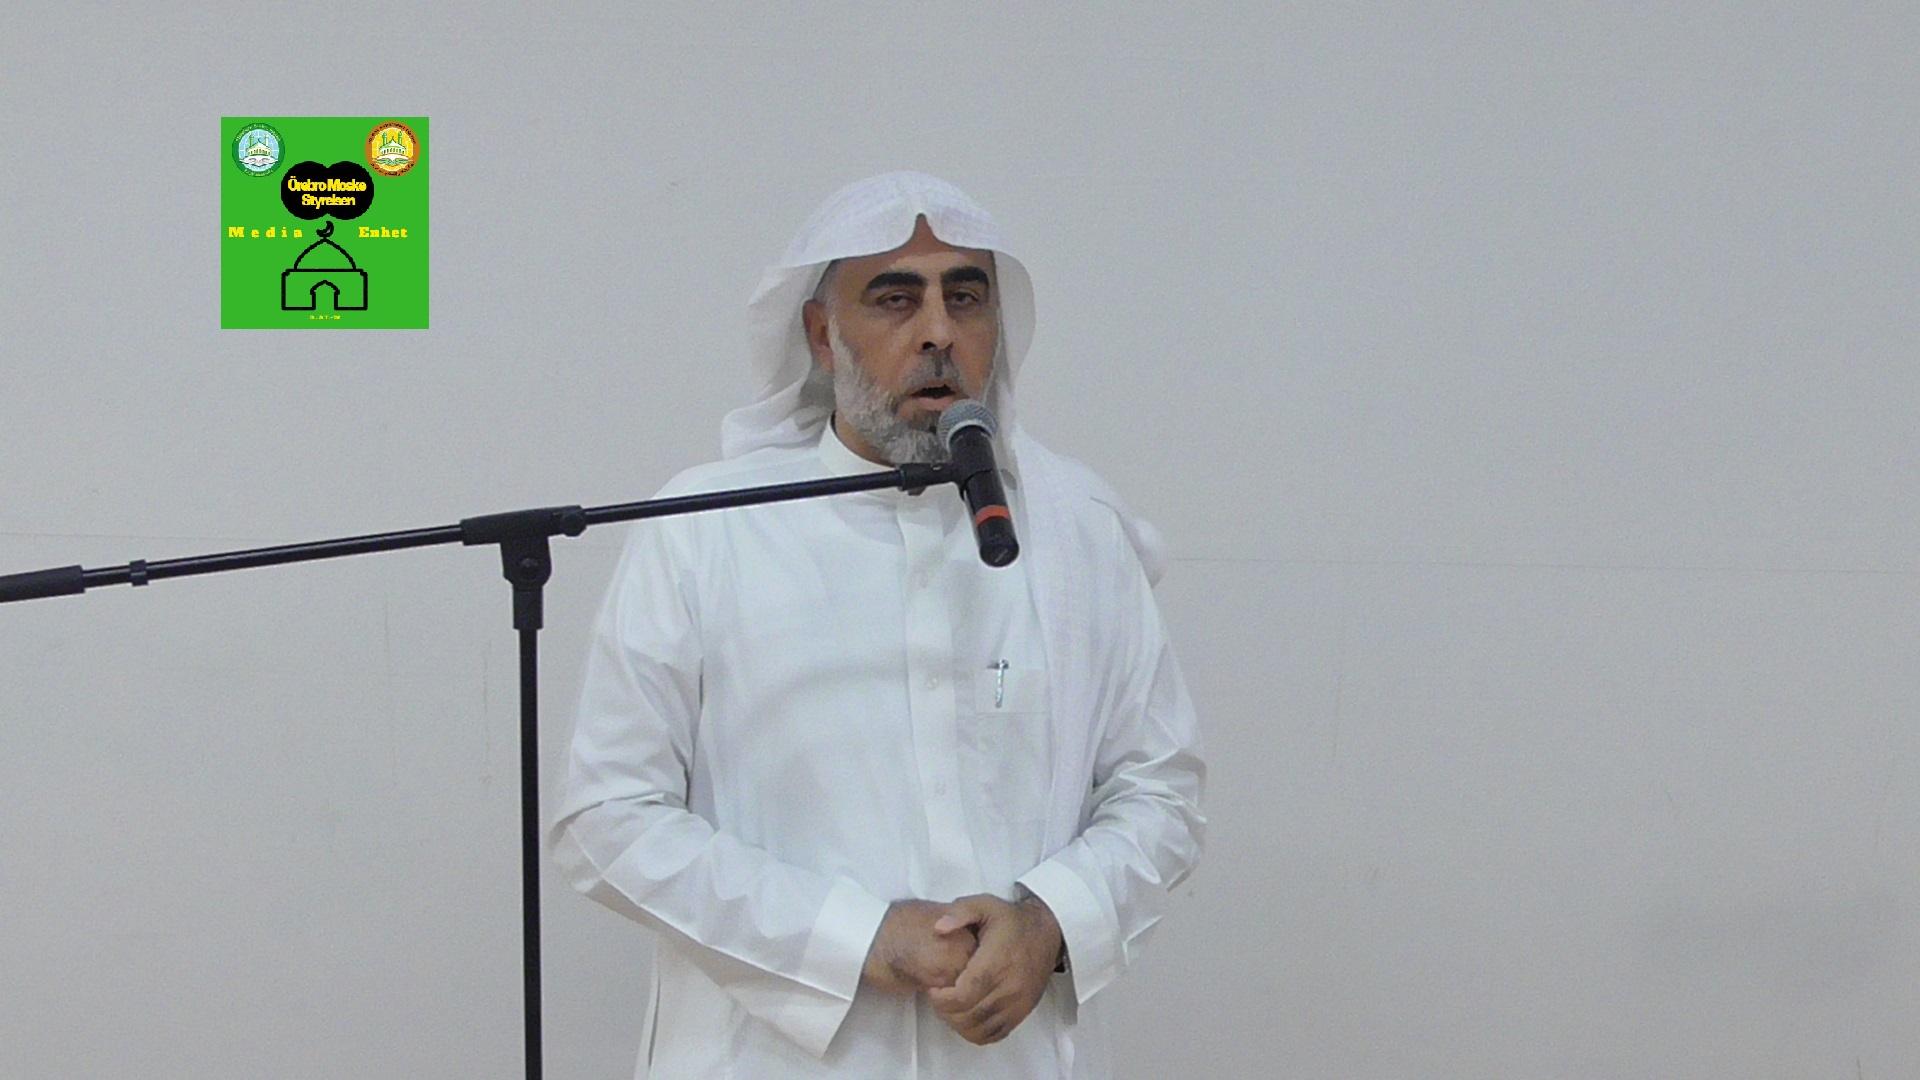 فضل شهر ذي الحجة وفضائل الأعمال فيه *********************************** Friday Bön - Friday Prayers صلاة الجمعة *************************** Shikh Abu Husam Hariri ************************** مقتطفات من خطبة صلاة الجمعة العلم ومكانته 10/08/2018 ************************** FILMED ON LOCATION *************************** Ballonghallen i Örebro